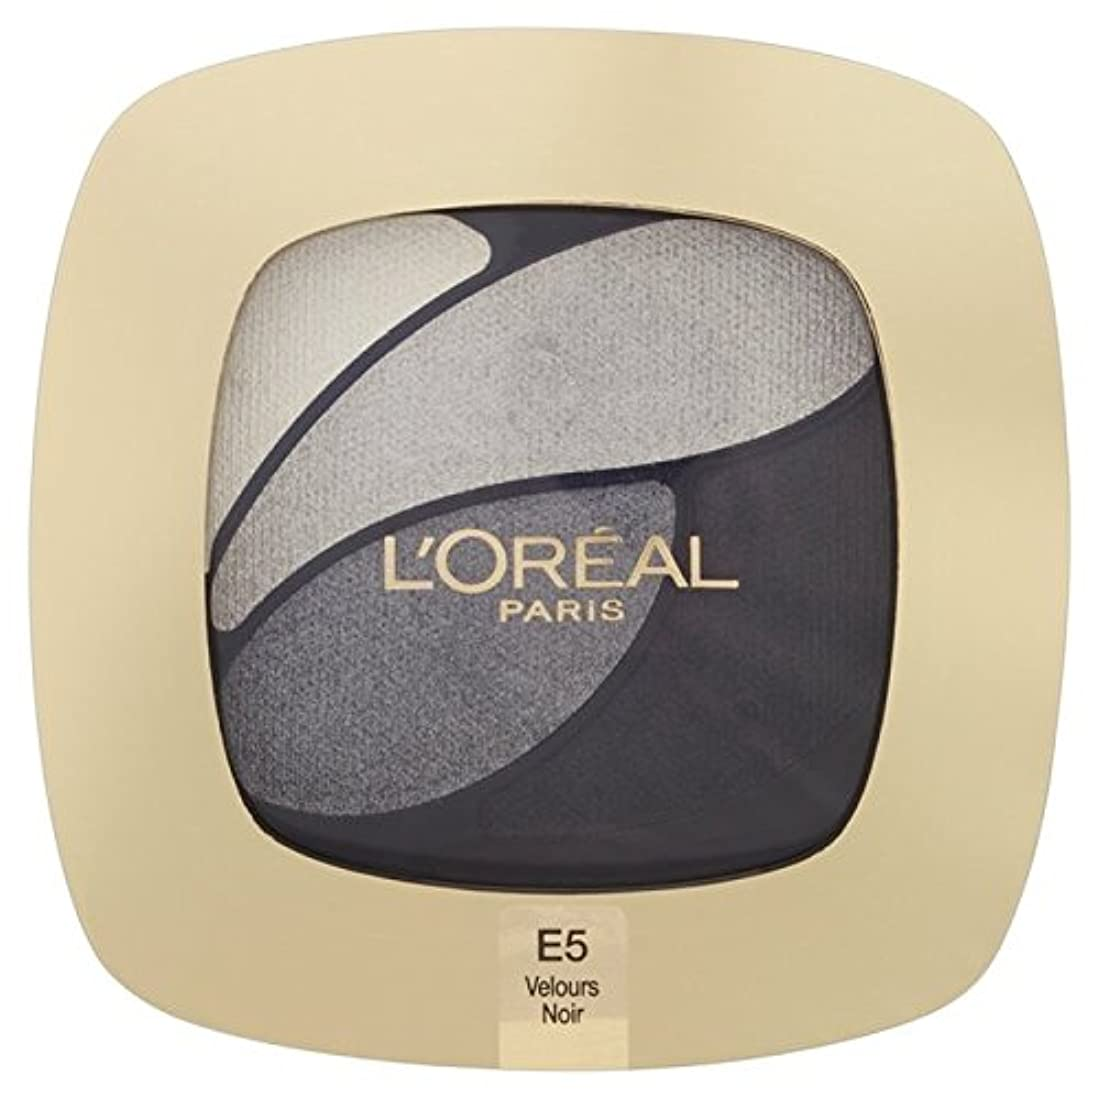 ポップケイ素超えるL'Oreal Paris Color Riche Quad, E5 Incredible Grey 30g - ロレアルパリのカラーリッシュクワッド、5信じられないほどの灰色の30グラム [並行輸入品]